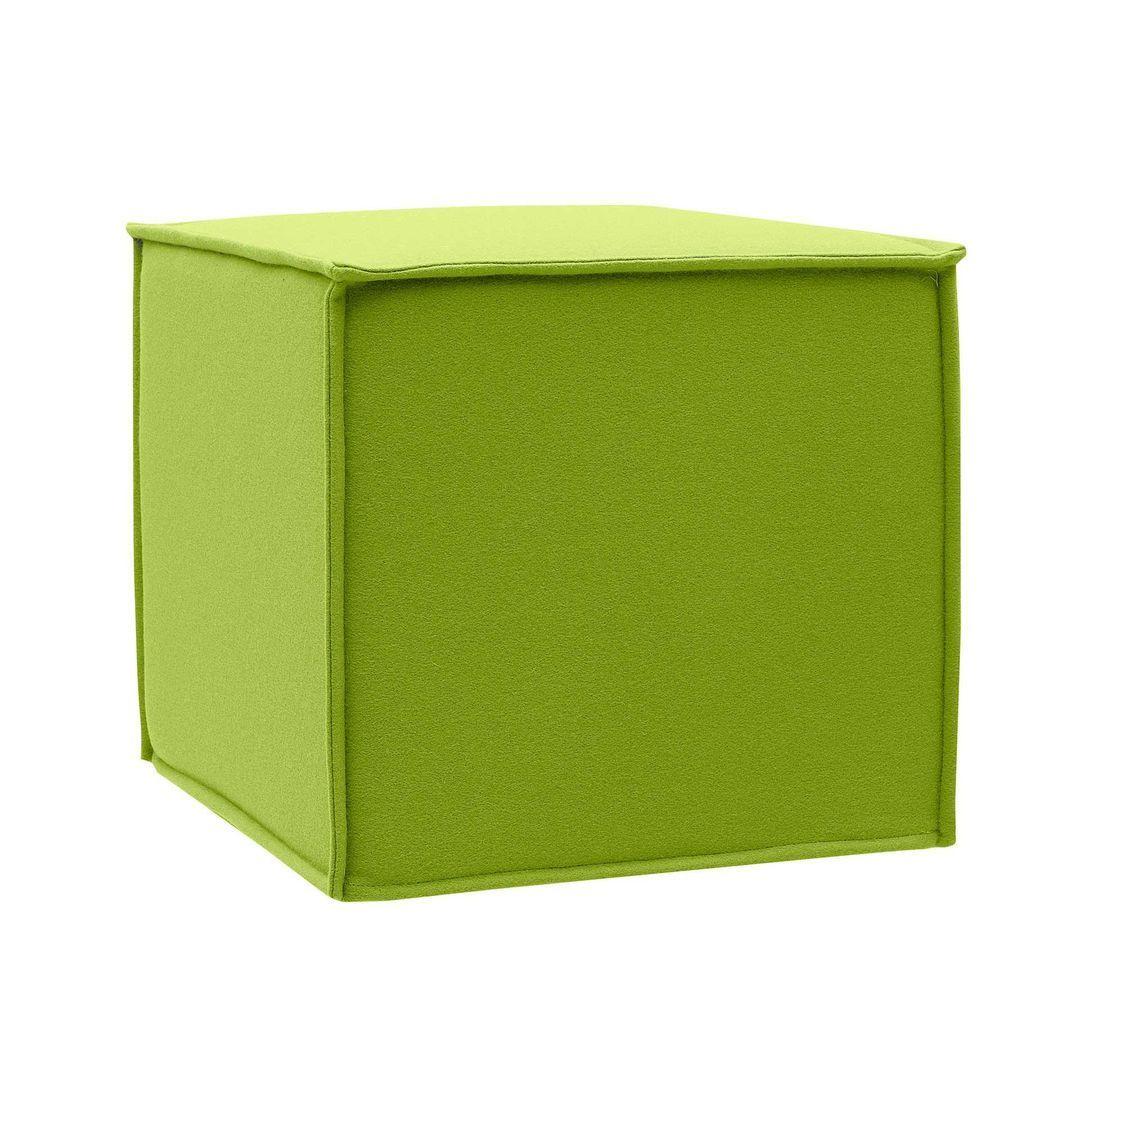 space stool softline. Black Bedroom Furniture Sets. Home Design Ideas